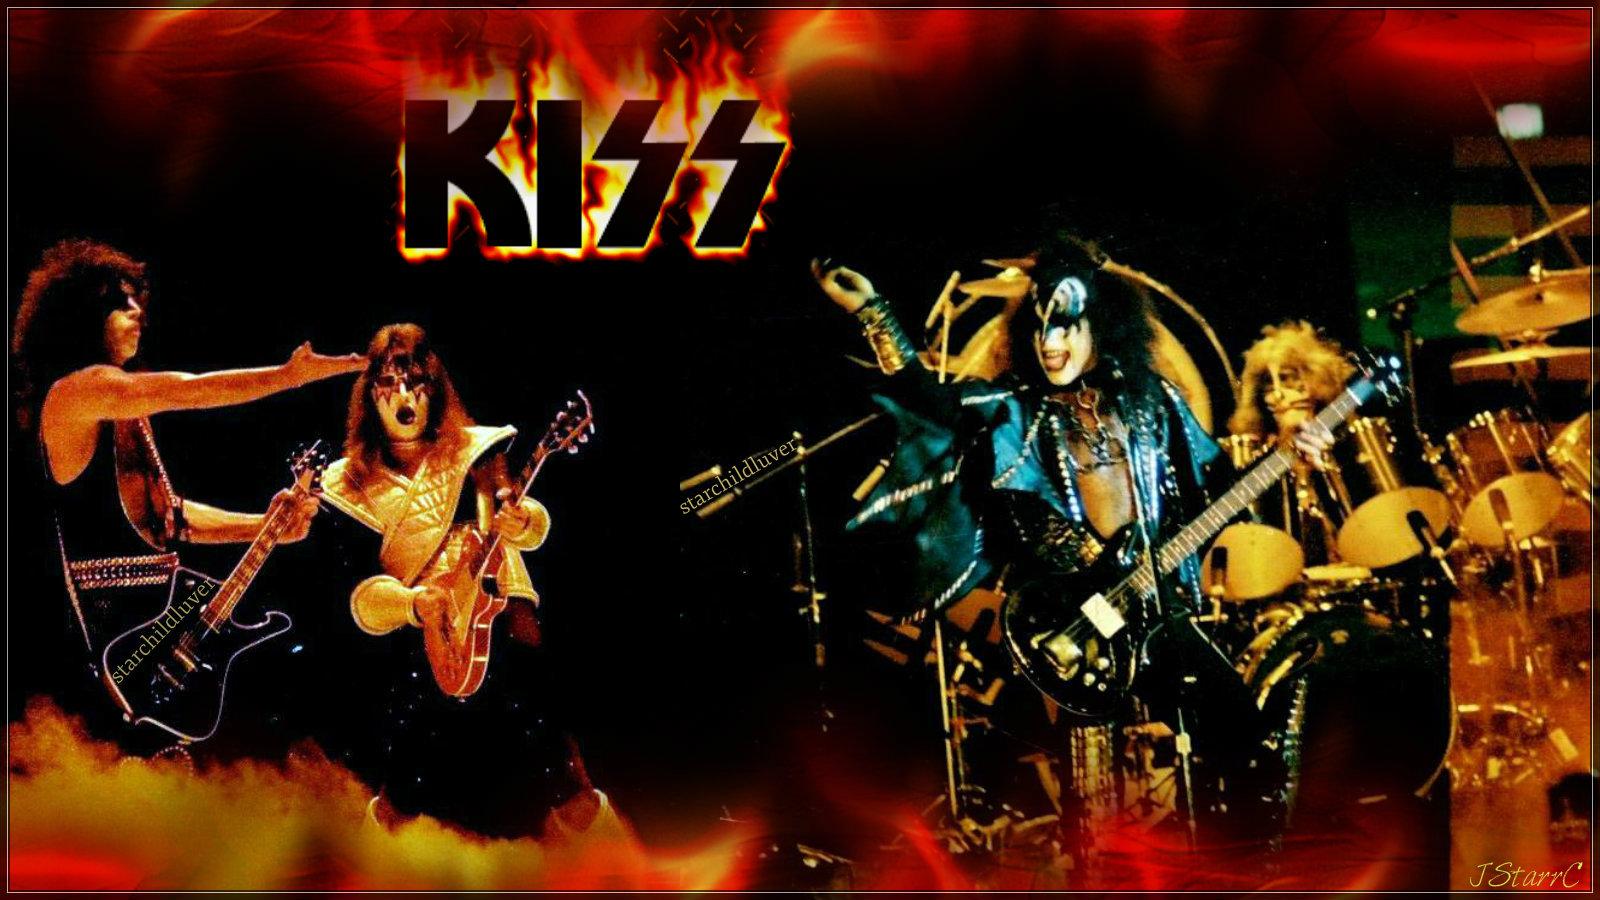 KISS ~San Diego, California…August 19, 1977 (Love Gun tour